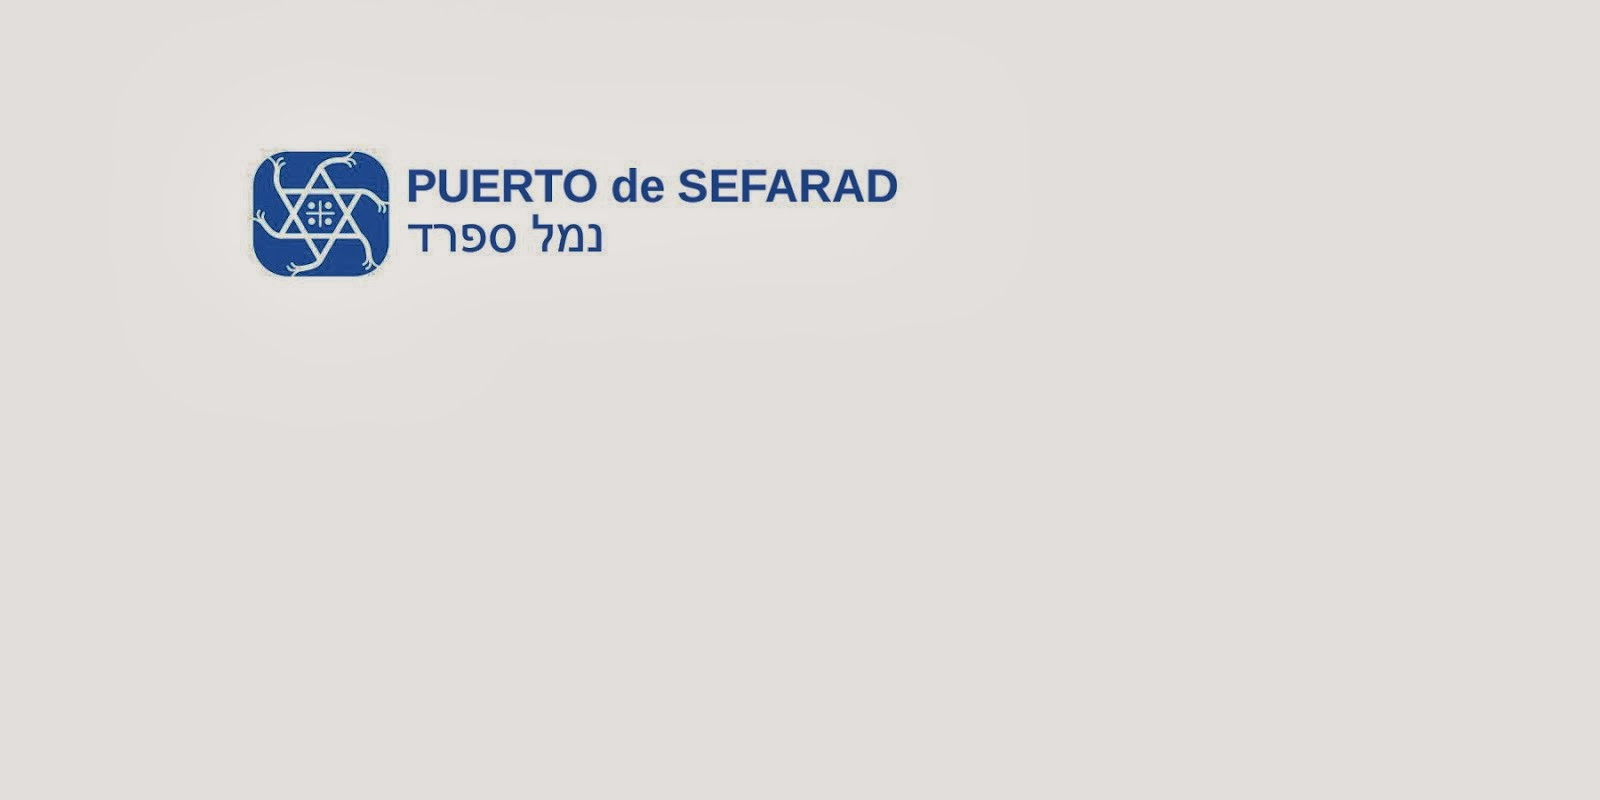 PUERTO DE SEFARAD